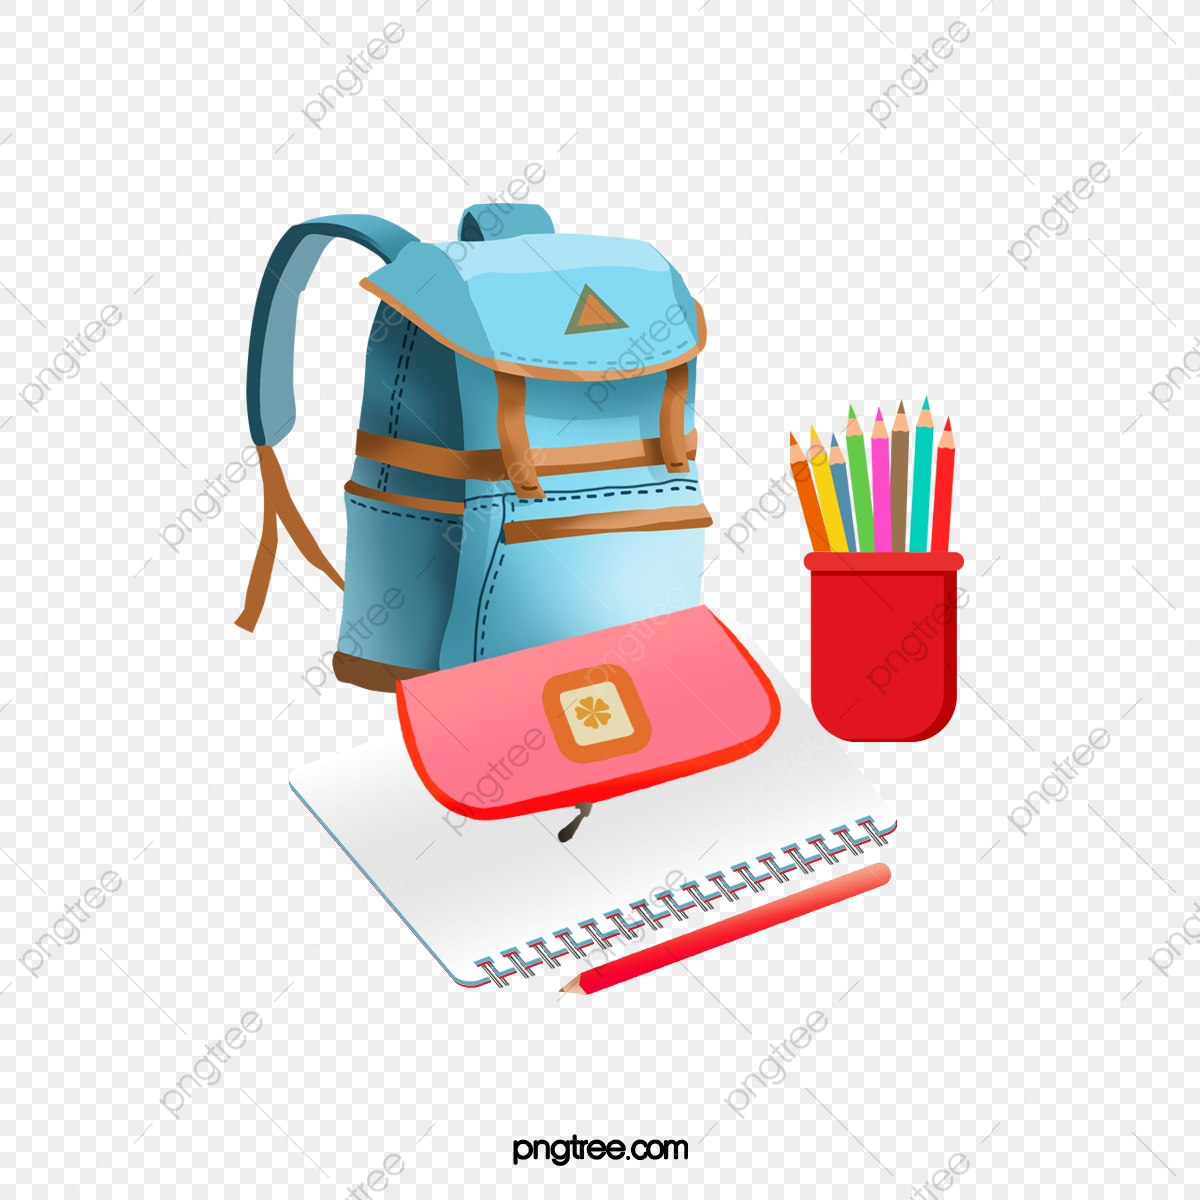 ديك رومي مثل غفور صور لأدوات الحقيبة المدرسيه Translucent Network Org